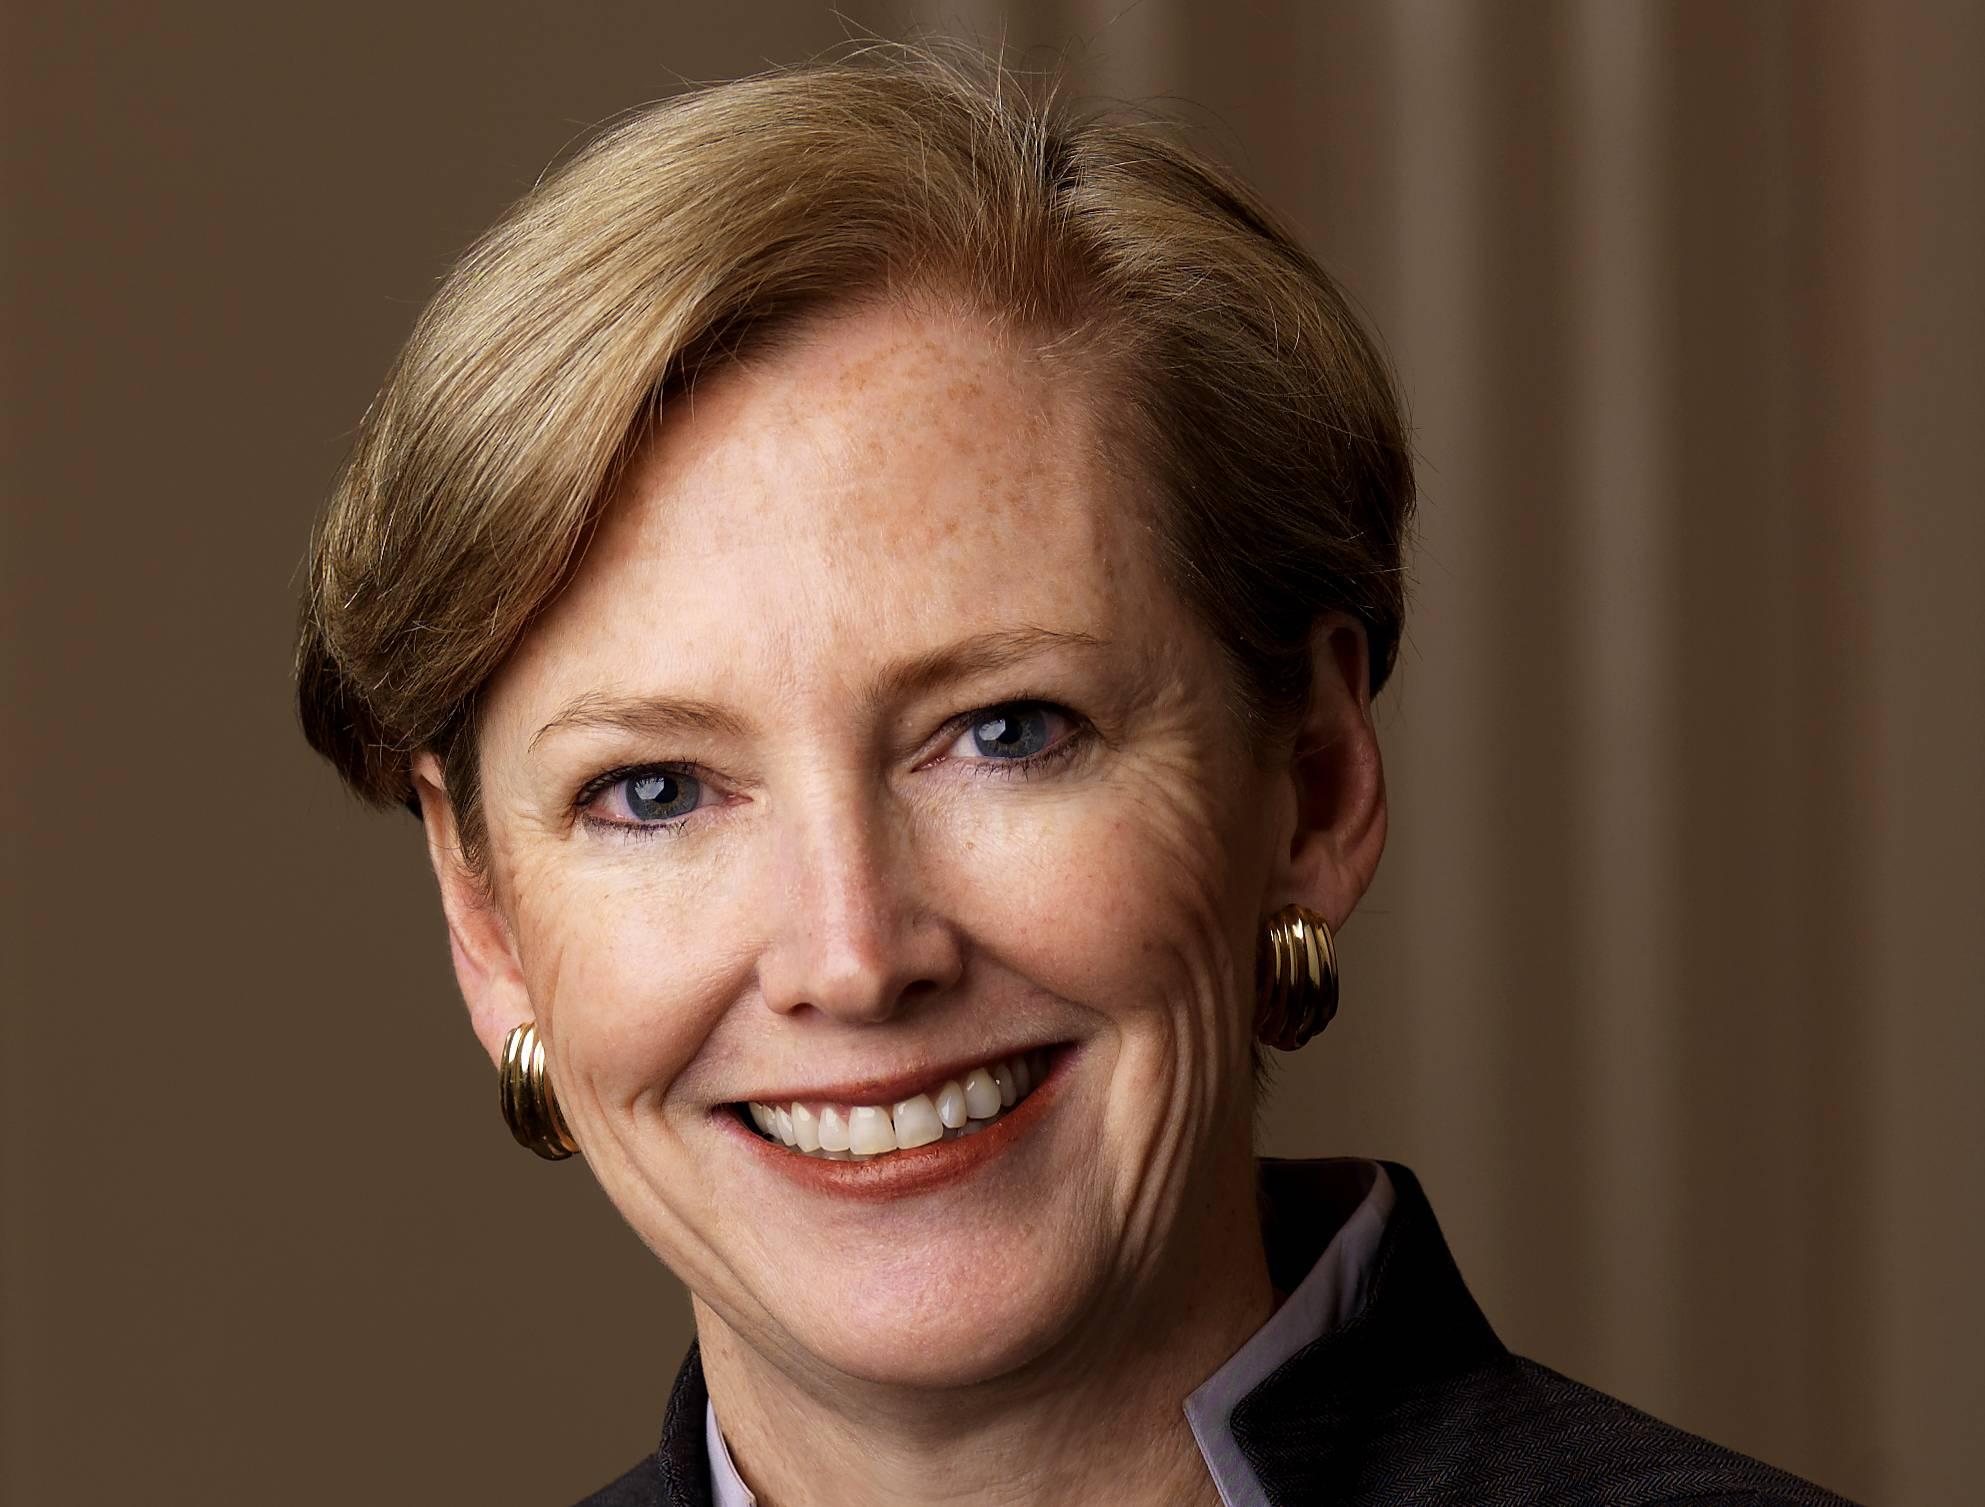 <h2>Ellen J. Kullman</h2>